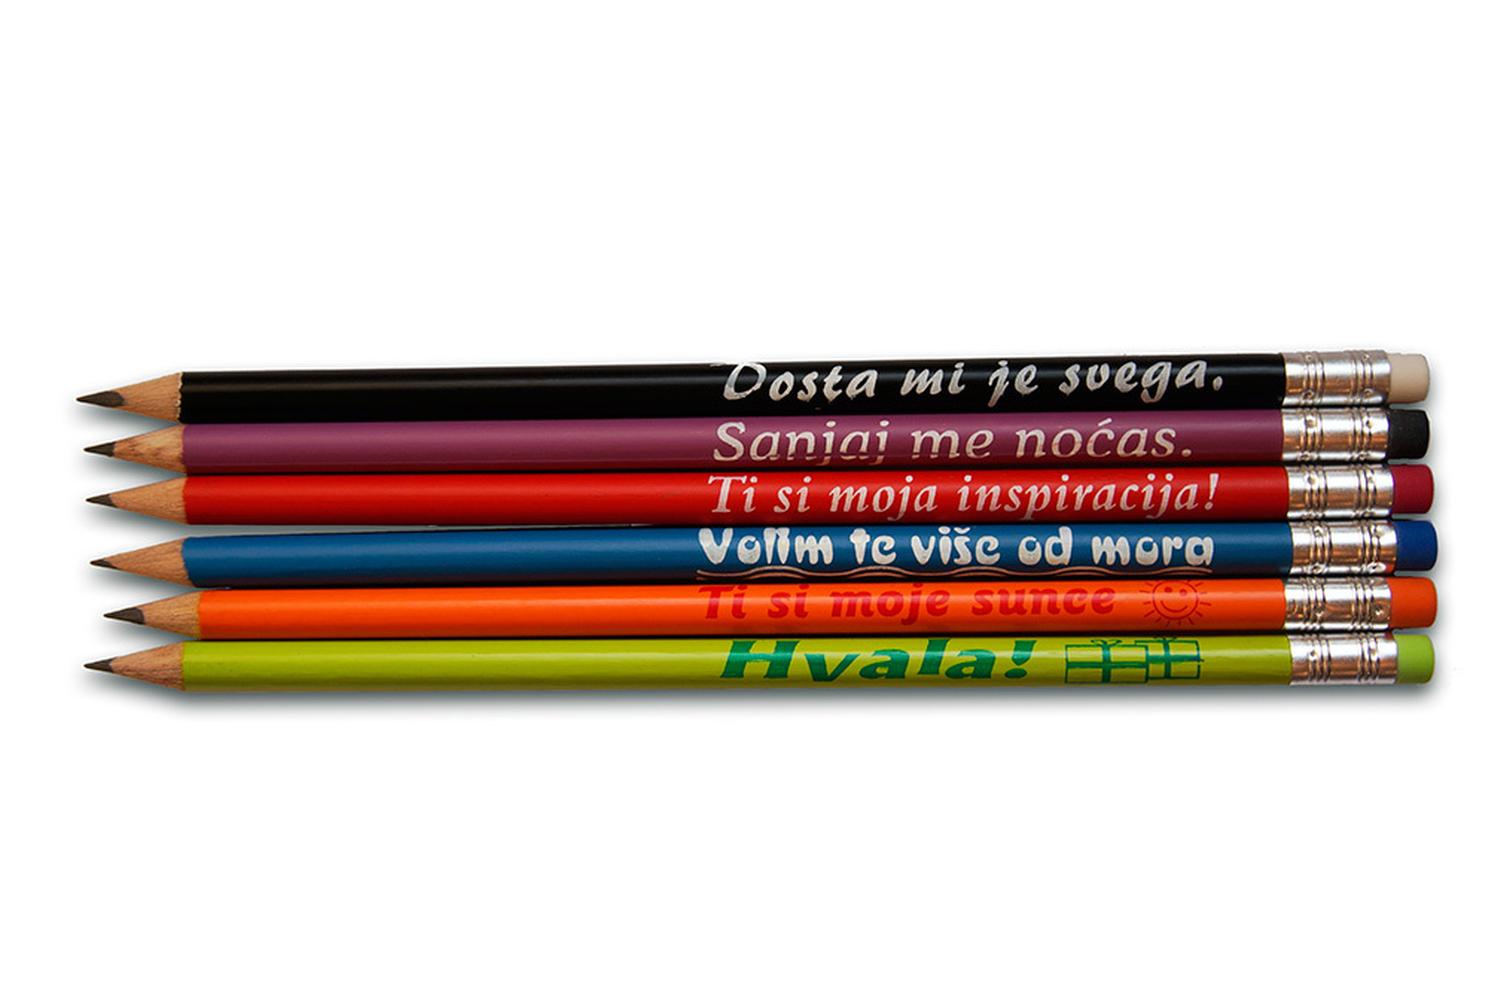 Olovka grafitna HB Poruke 104 , čašaToz 2021